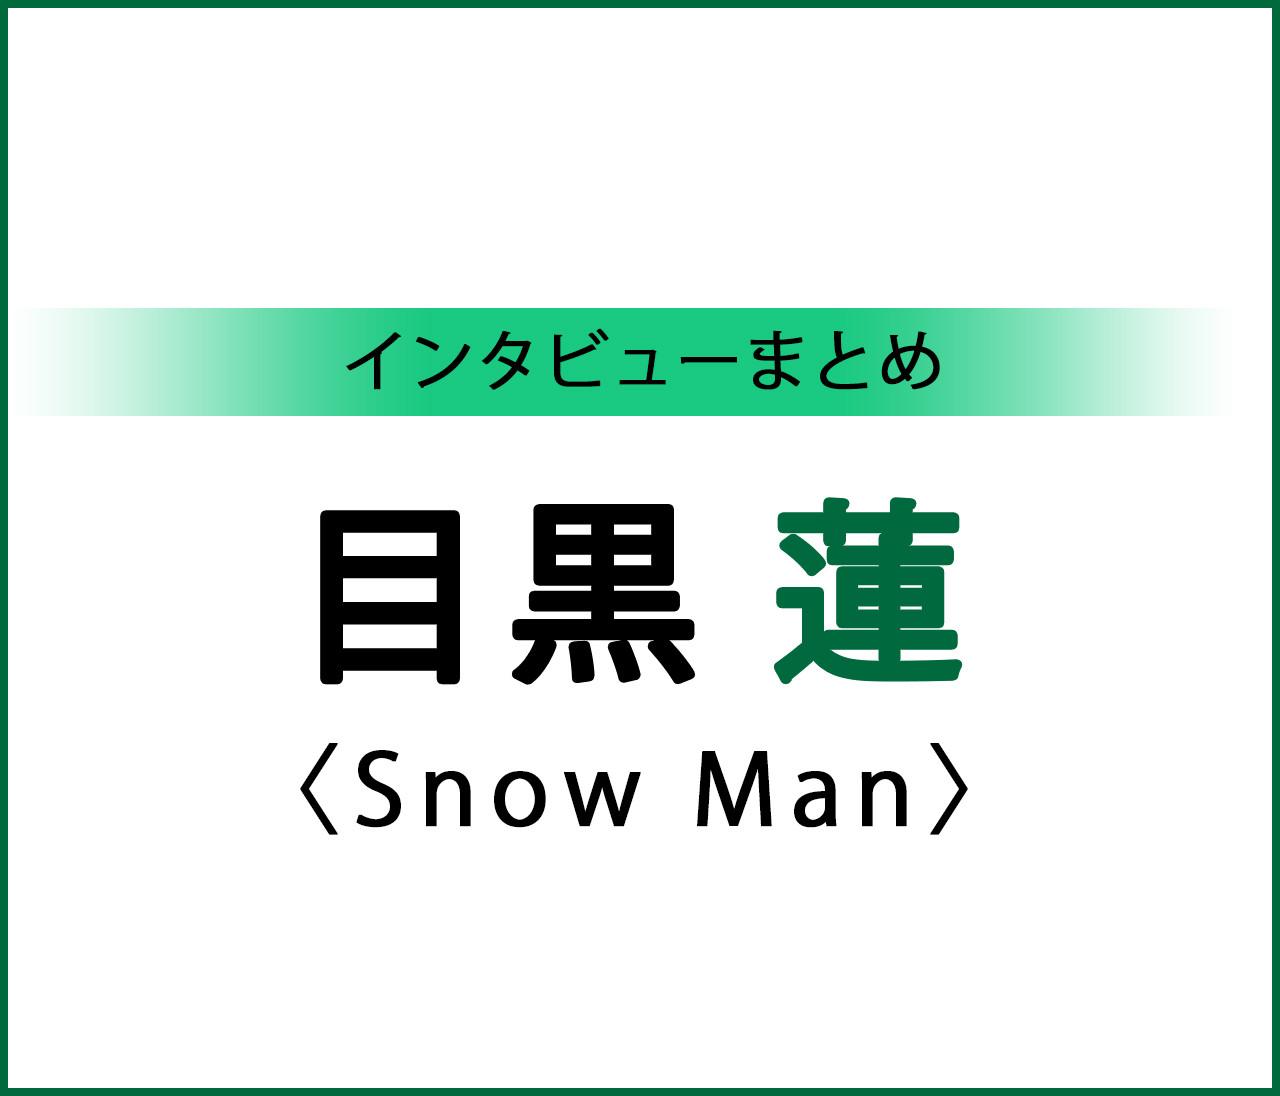 【Snow Man 目黒 蓮くんインタビュー まとめ】憧れのクリスマスデートは?